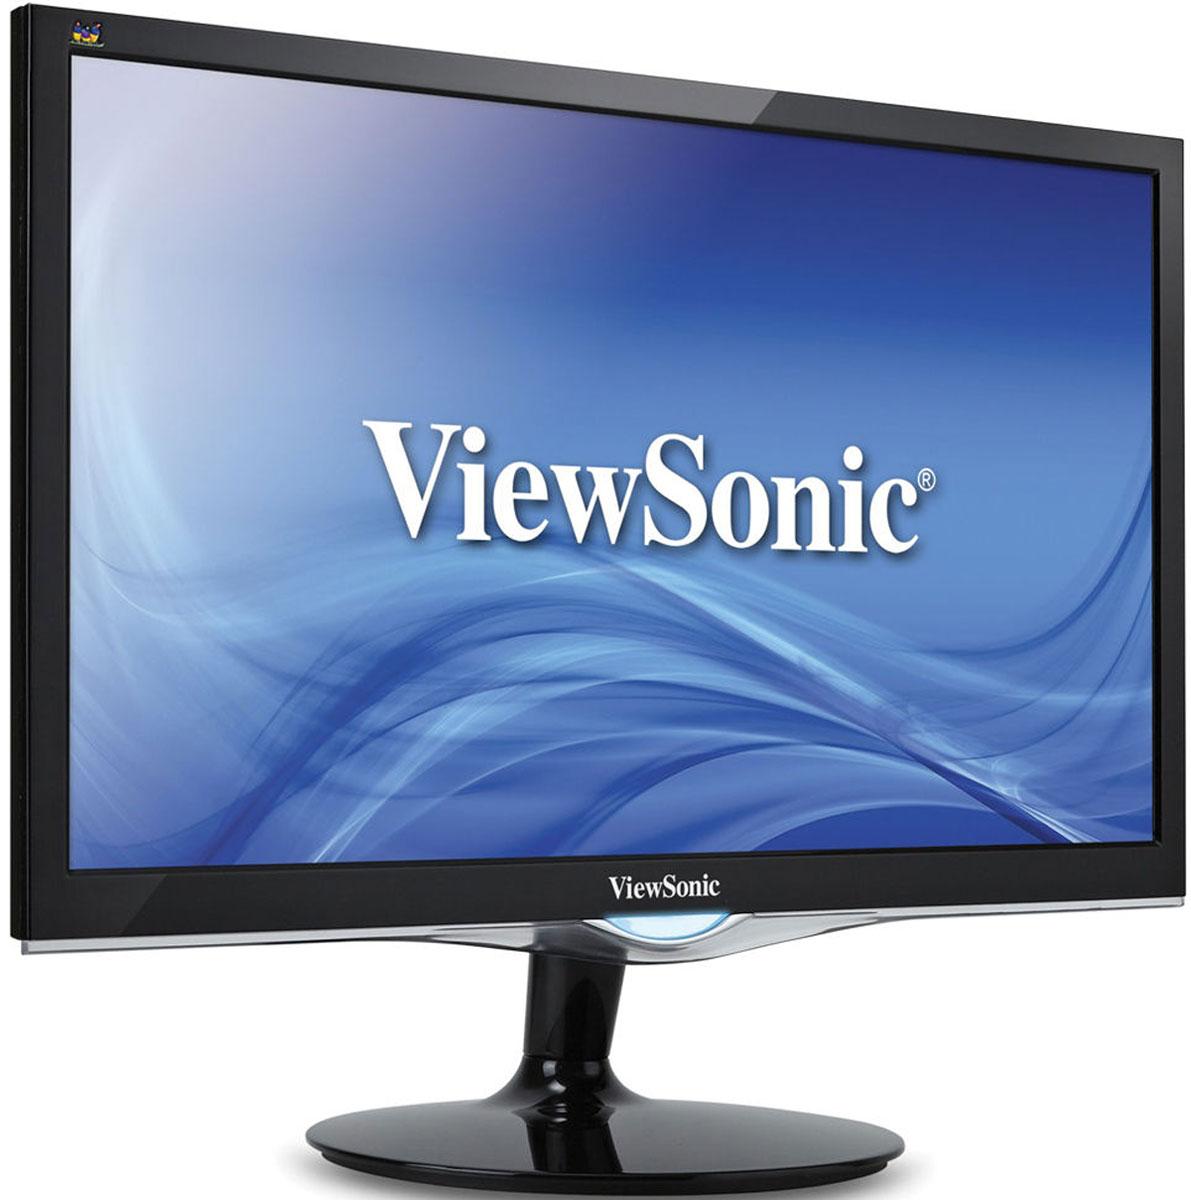 ViewSonic VX2452MH, Black мониторVS15562ViewSonic VX2452mh — это монитор Full HD с диагональю 24 дюйма/ 61 см (видимая область 23,6 дюйма/ 60 см) и глянцевым покрытием, который обеспечивает идеальное отображение контента в играх и при просмотре развлекательного мультимедиа. Монитор VX2452mh оснащен технологией ClearMotiv II, которая обеспечивает сверхвысокое время отклика 2 мс для четкой, не размытой передачи изображений во время игр, а также ультравысокий коэффициент динамической контрастности MEGA 50 000 000:1 для живой и резкой цветопередачи во время просмотра фильмов. Интегрированные входные разъемы D-sub, DVI и HDMI обеспечивают гибкость подключения к мультимедийным устройствам высокой четкости и игровым приставкам, а двойные встроенные стереодинамики на 2 Вт делают устройство идеальным для воспроизведения мультимедиа. Благодаря креплению VESA монитор VX2452mh можно установить на стену, делая более гибким использование в игровых и развлекательных целях. Время отклика составляет всего 2 мс, что позволяет монитору VX2452mh обеспечивать плавность изображения без рывков, размытия или появление фантомных эффектов. Это сверхбыстрое время отклика идеально для игр с интенсивным использованием графической подсистемы, а также хорошо подойдет для просмотра спортивных передач или боевиков.Монитор VX2452mhимеет разрешение Full HD 1920x1080 и максимально точно передает каждый пиксель изображения. Благодаря сверхвысокому коэффициенту динамической контрастности MEGA 50 000 000:1 монитор VX2452mh позволяет наслаждаться удивительной четкостью и детализацией независимо от того, играете ли вы в игры или смотрите развлекательную передачу.Игровой режим обеспечивает улучшенную видимость и детализацию благодаря осветлению темных сцен без дополнительного экспонирования ярких участков. Наблюдение за каждым действием даже в самых темных областях видеоигры становится с помощью нашего игрового режима элементарной задачей.Исключительно высокий динамический коэффициент контрастности 50 000 0